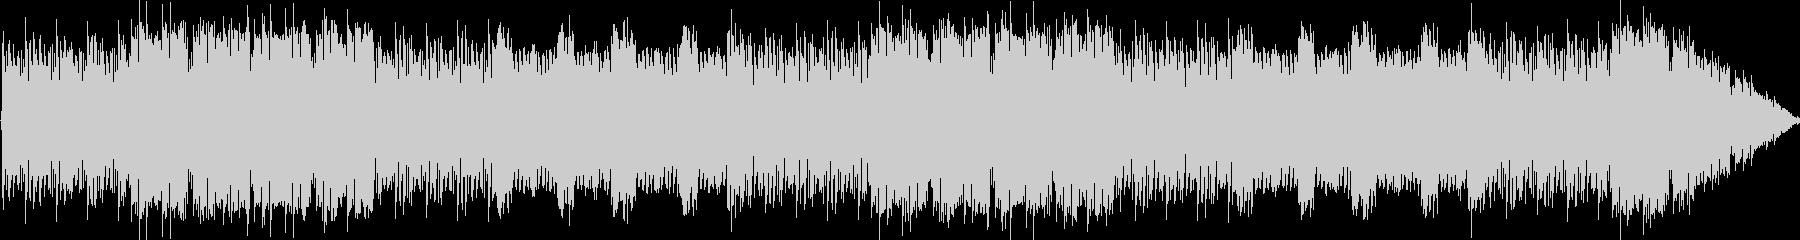 チップチューンによるフージョン系楽曲の未再生の波形